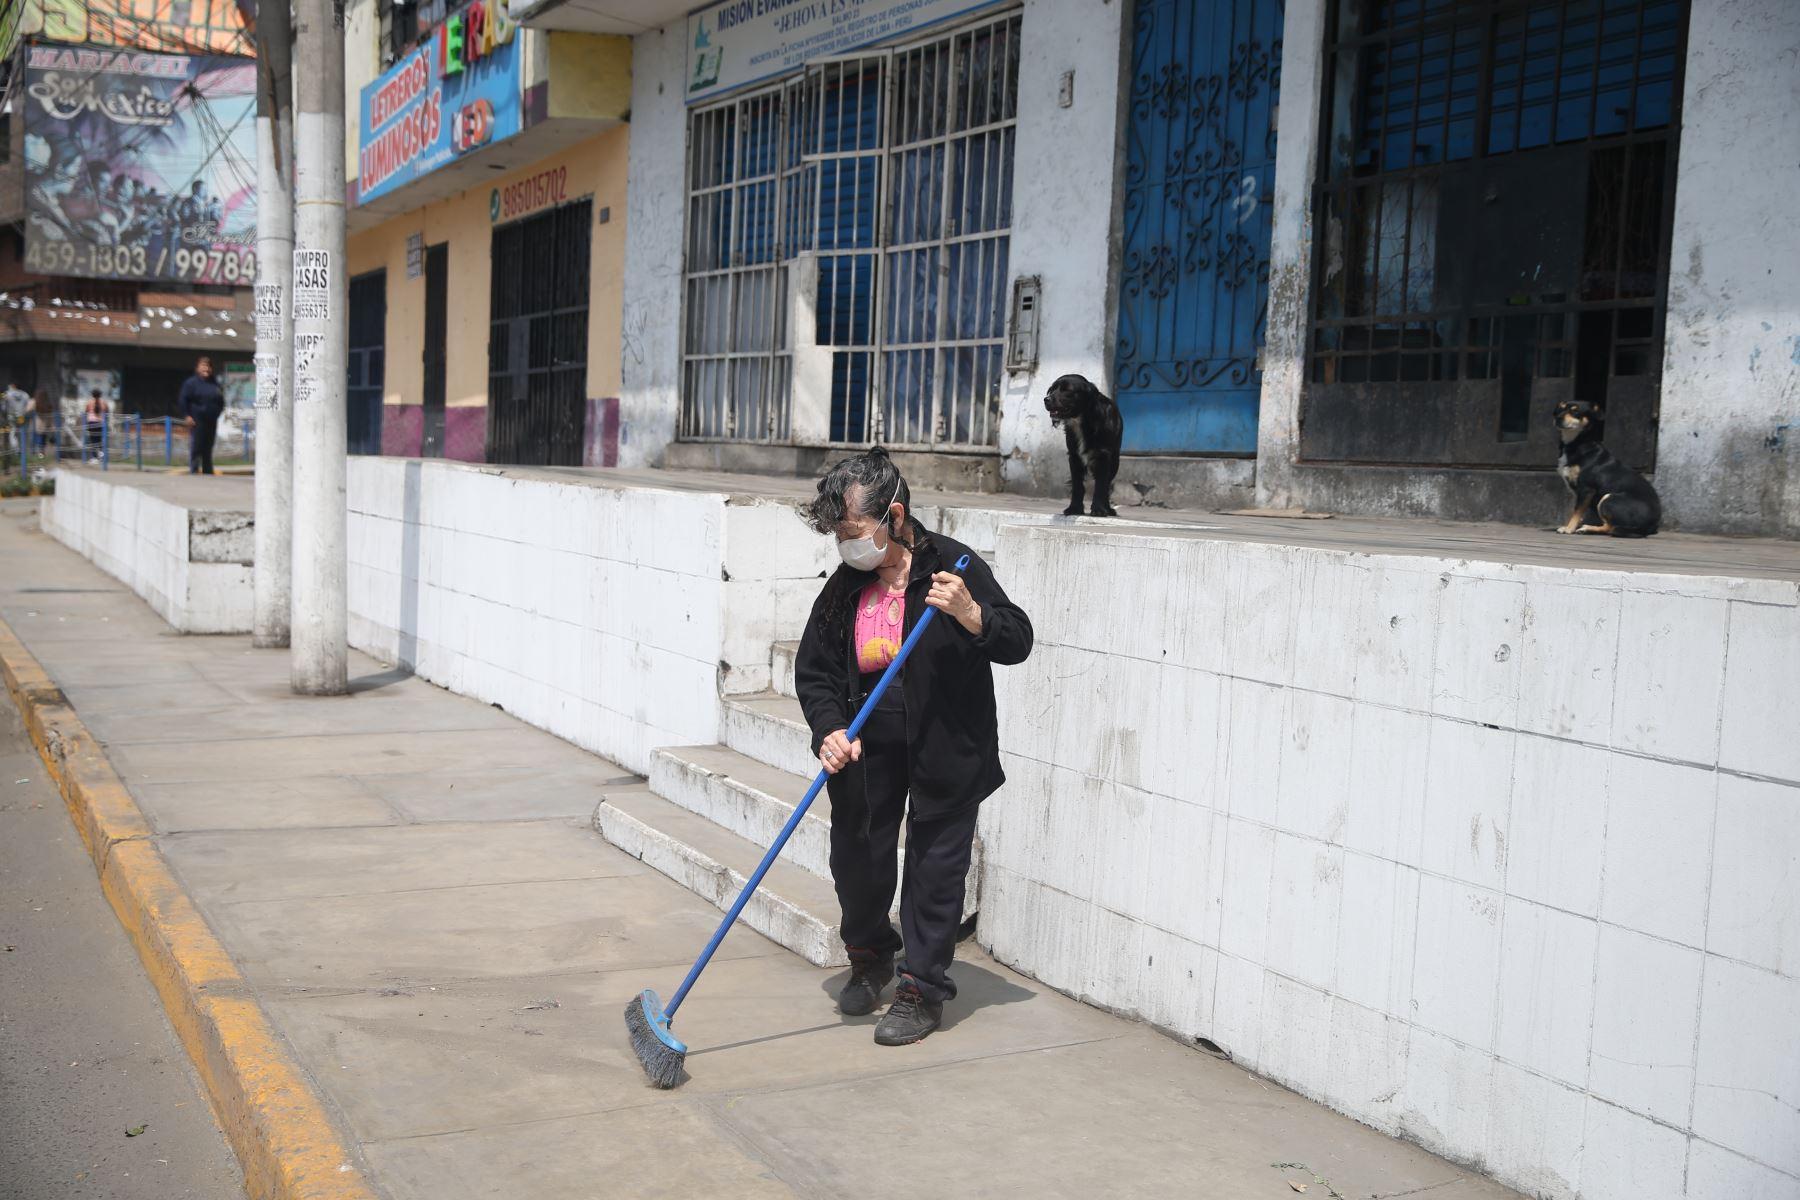 Una señora limpia los alrededores de su vivienda en San Juan de Lurigancho este domingo tras levantamiento de la inmovilización social obligatoria. Foto: ANDINA/Jhonel Rodríguez